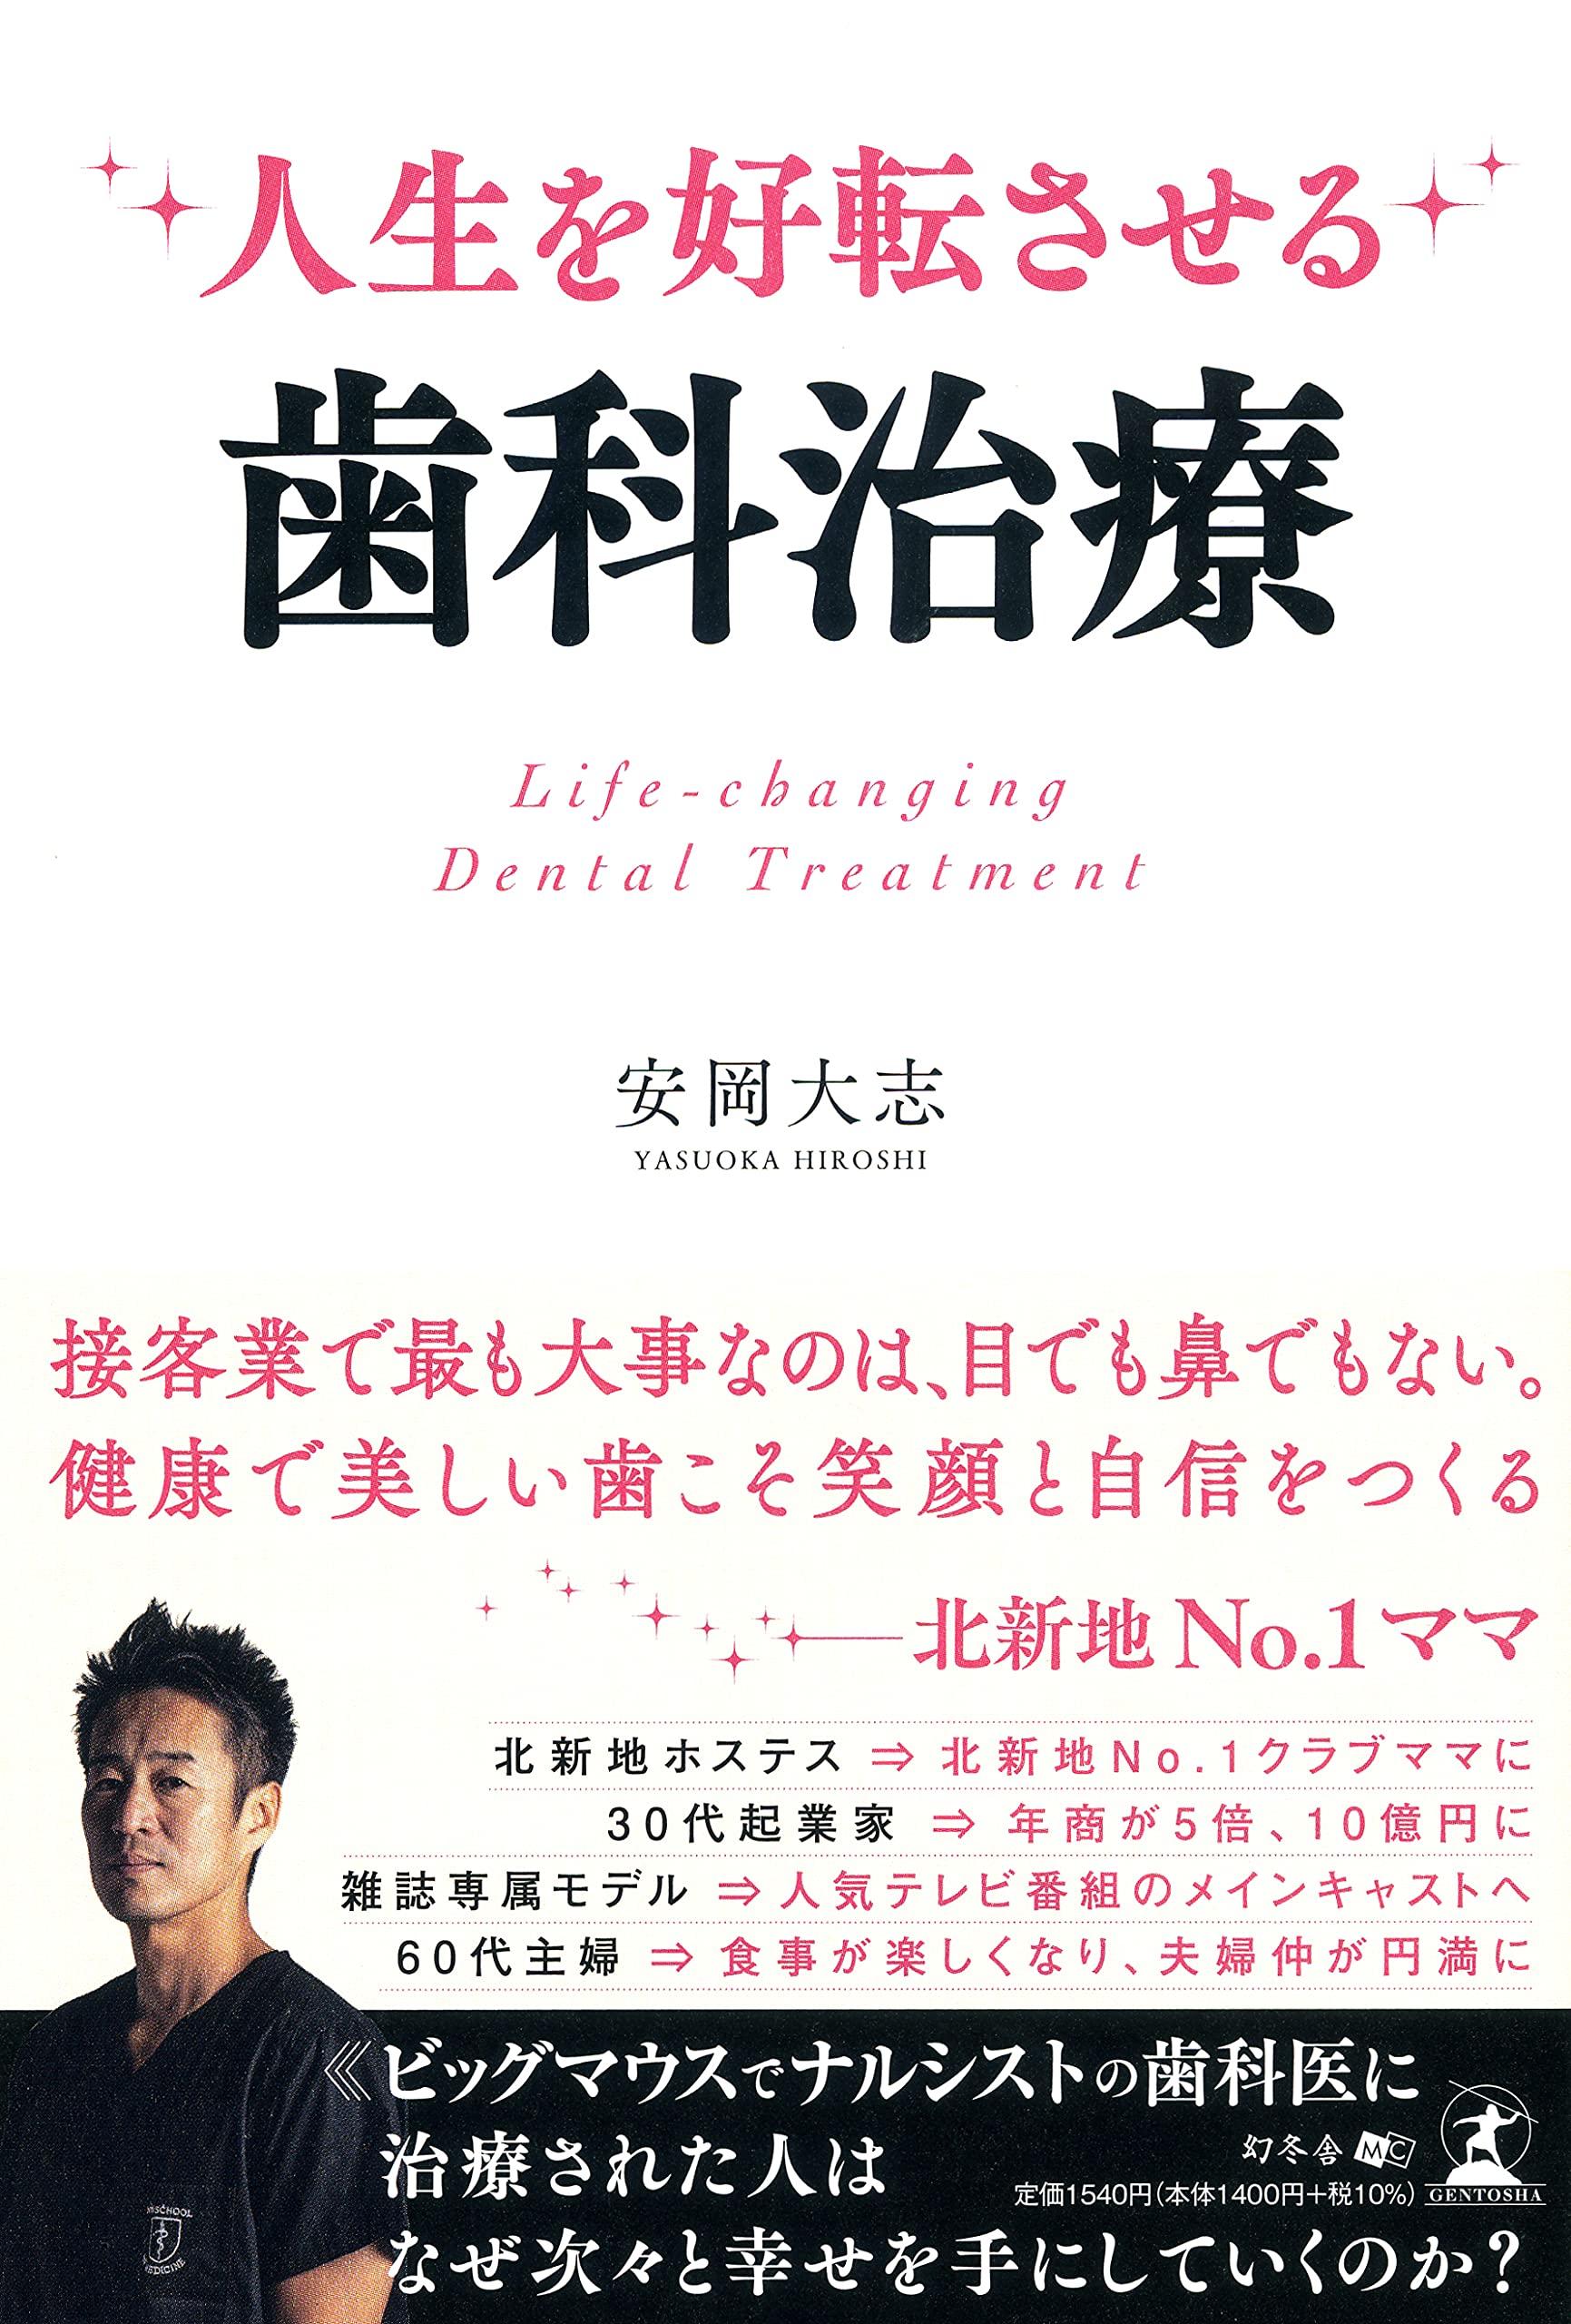 人生を好転させる歯科治療